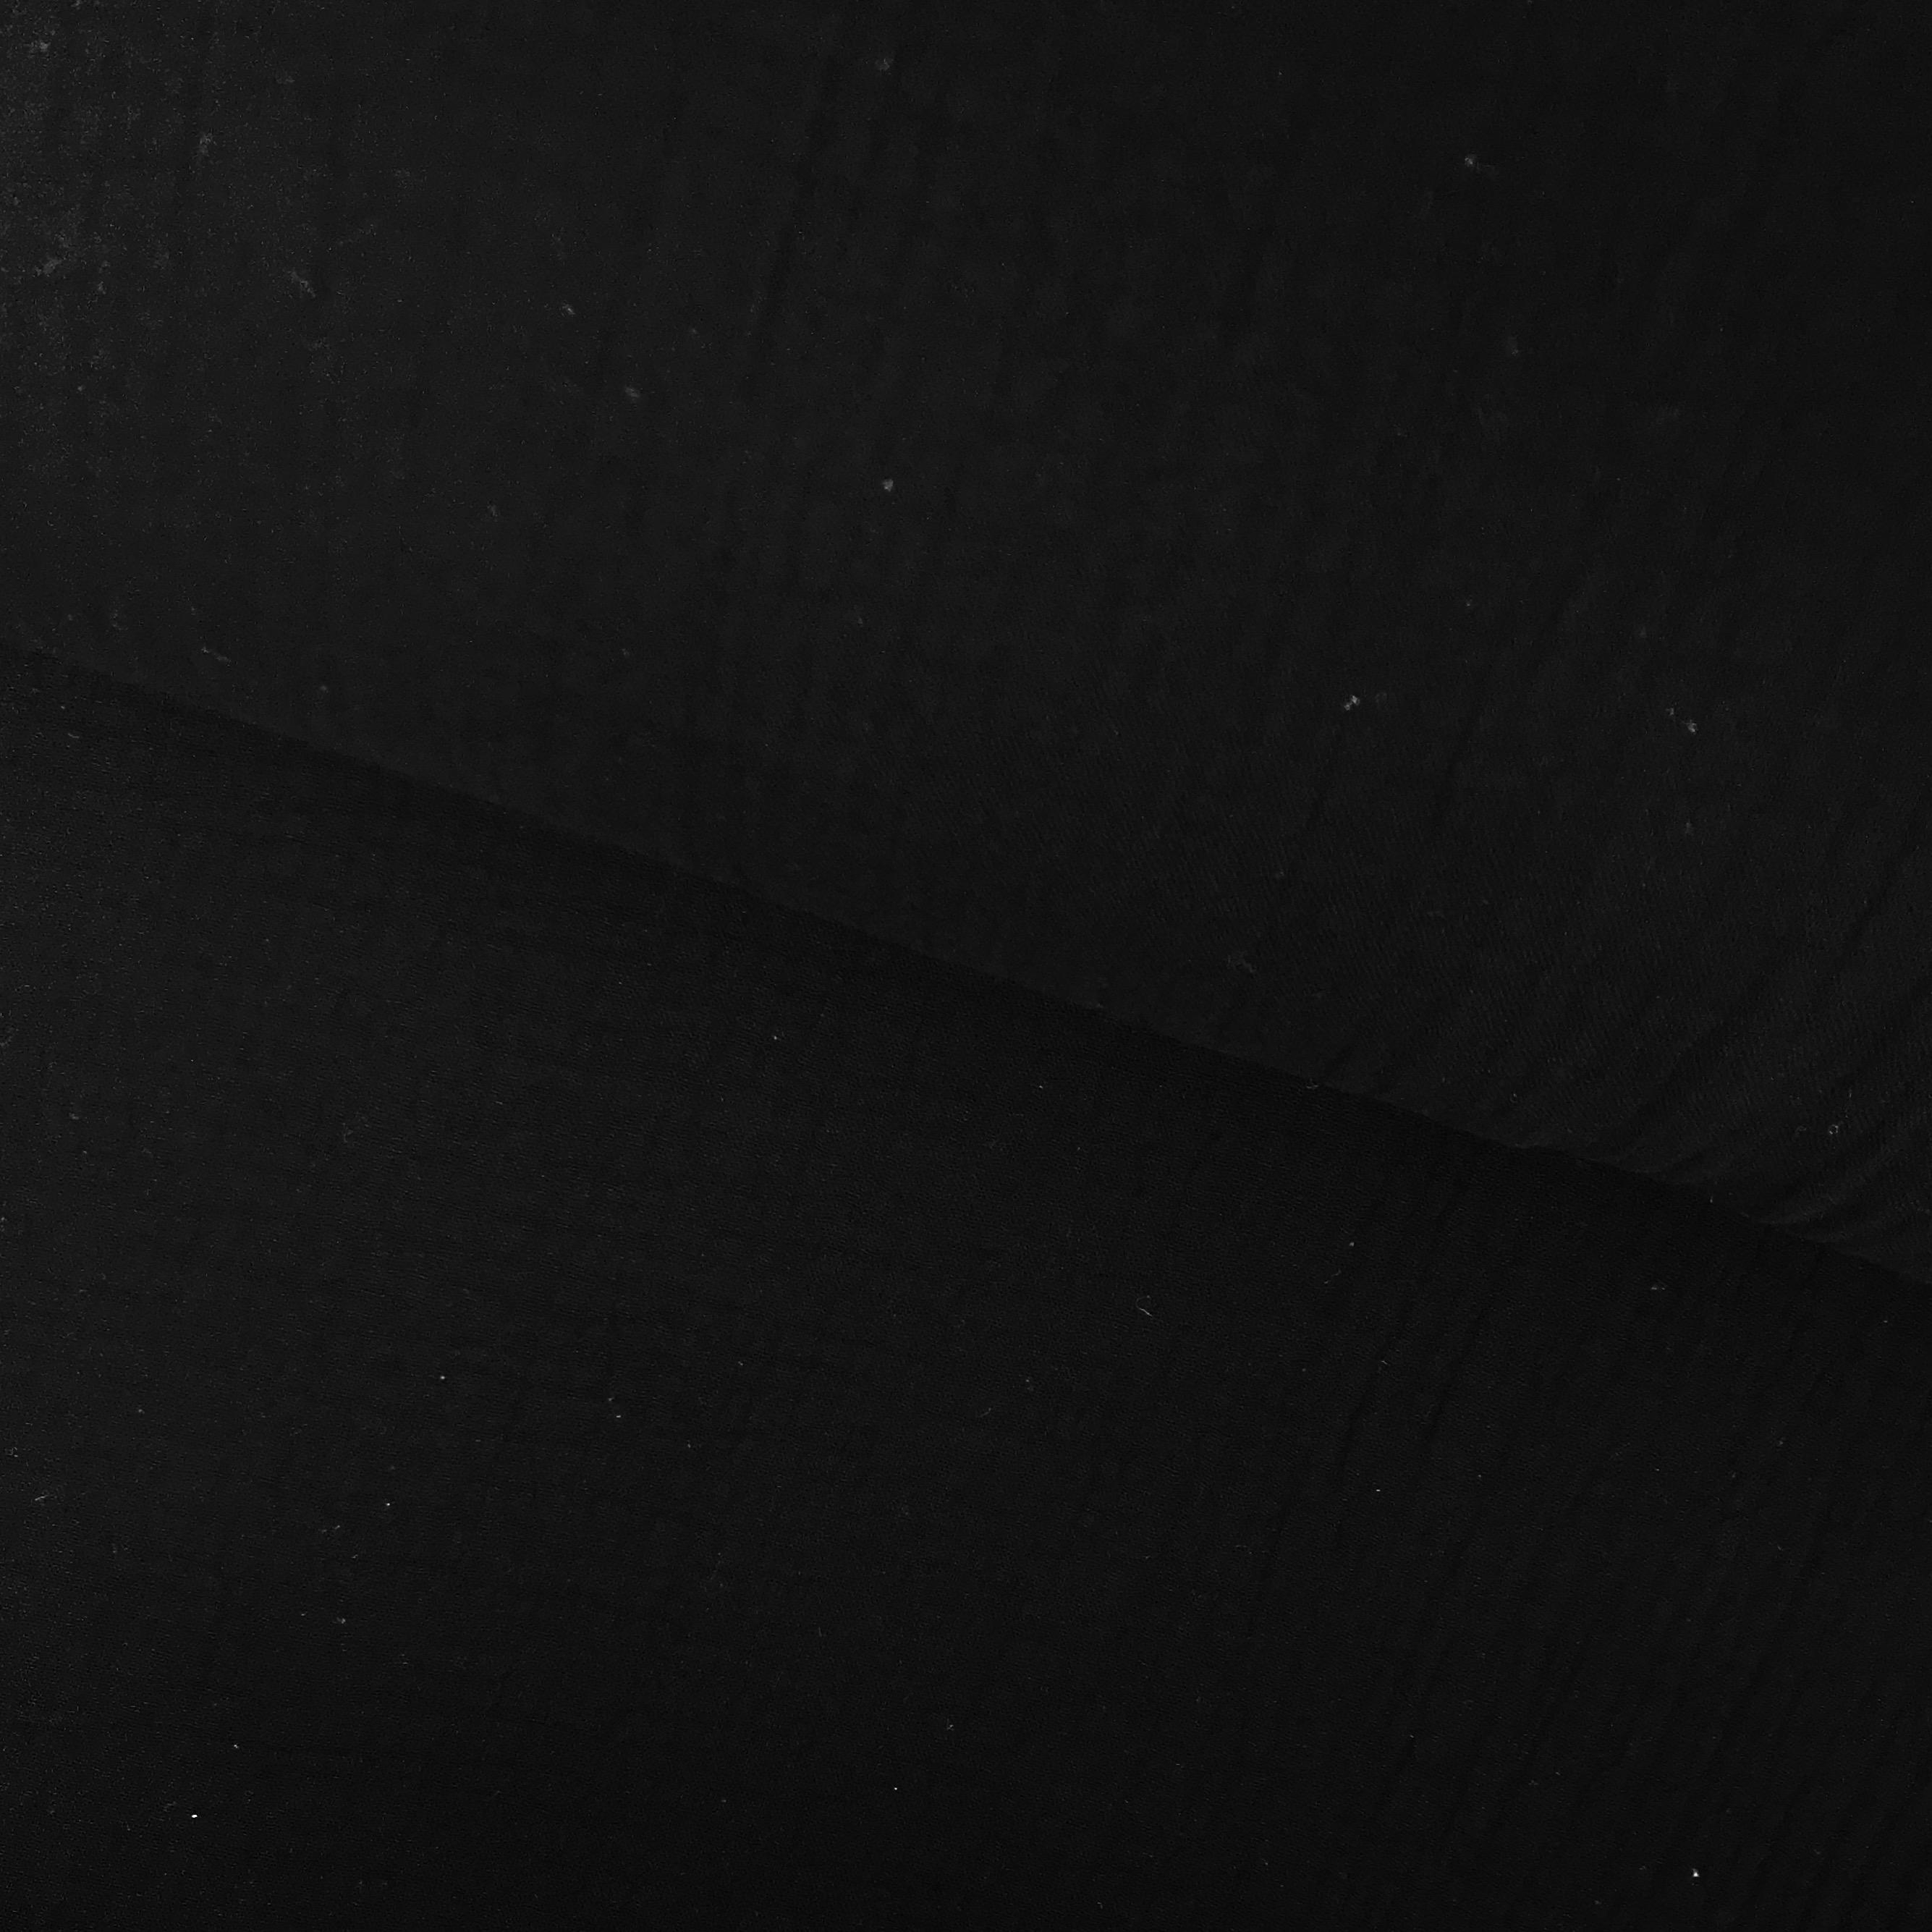 Baumwoll Musselin Double Gauze, schwarz. Art. 8290-069